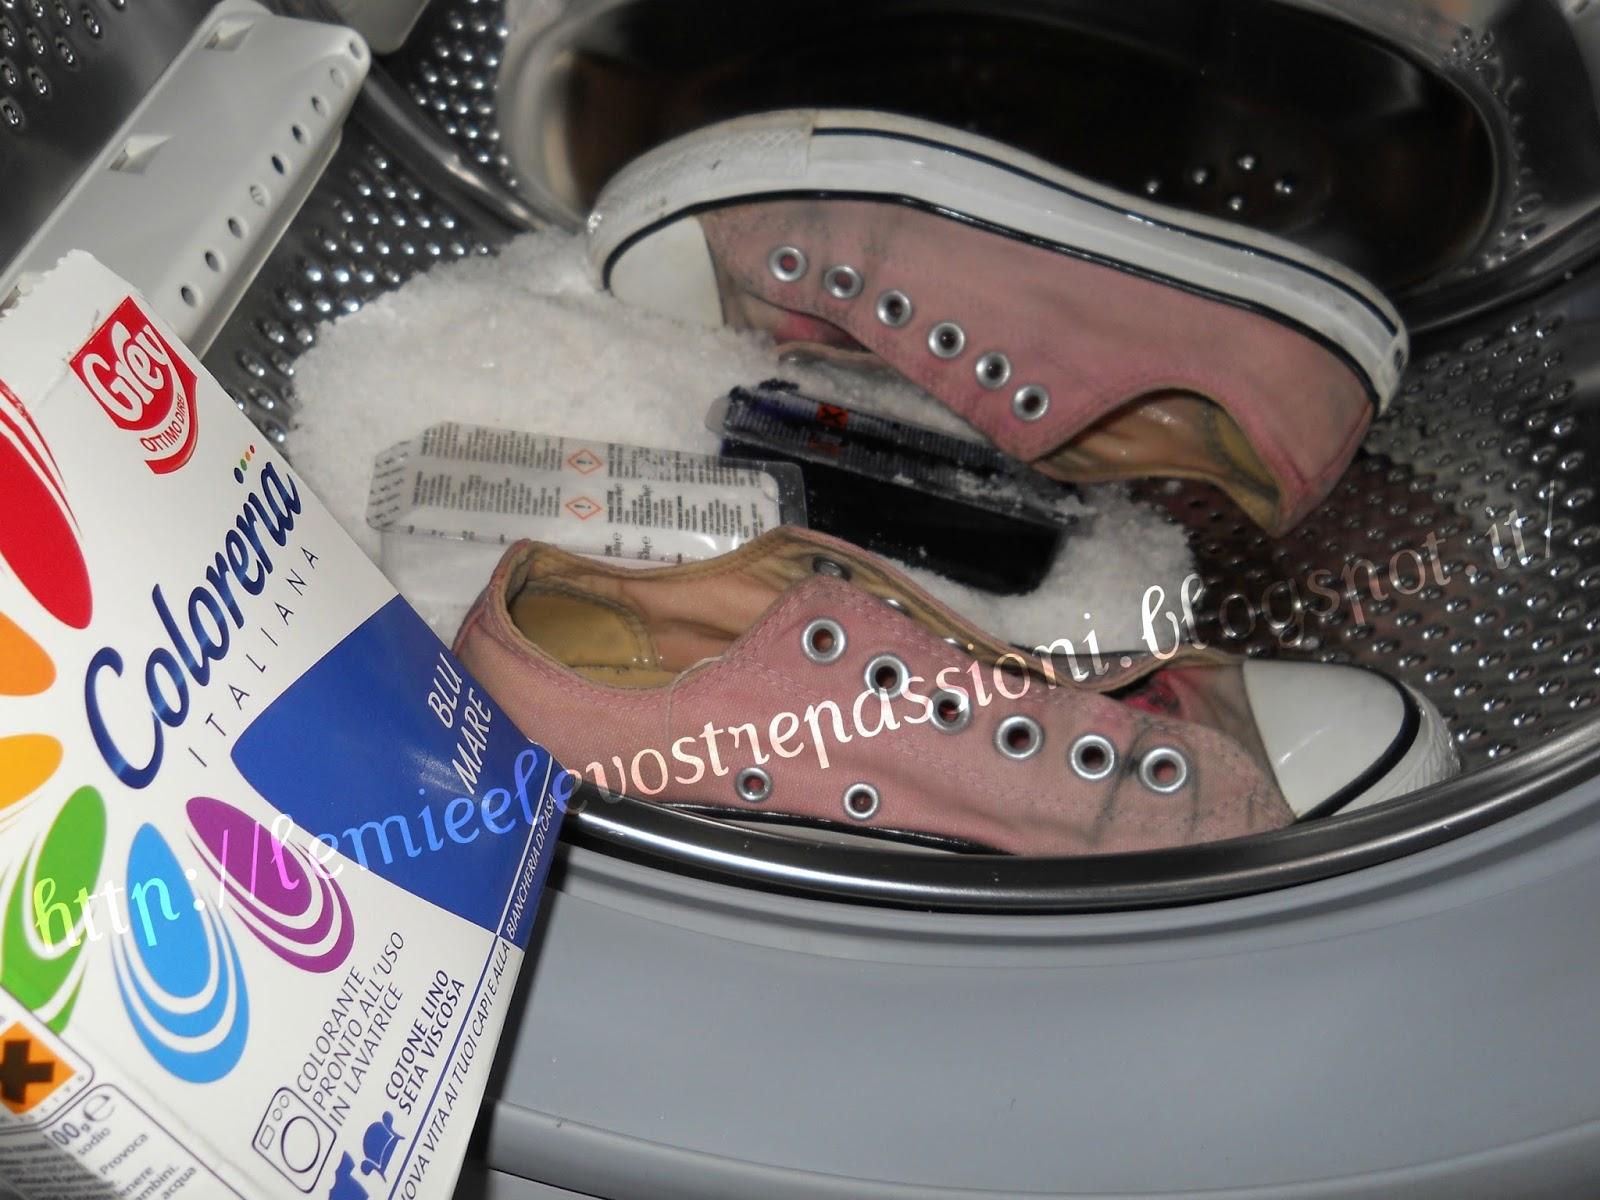 La coloreria rovina la lavatrice